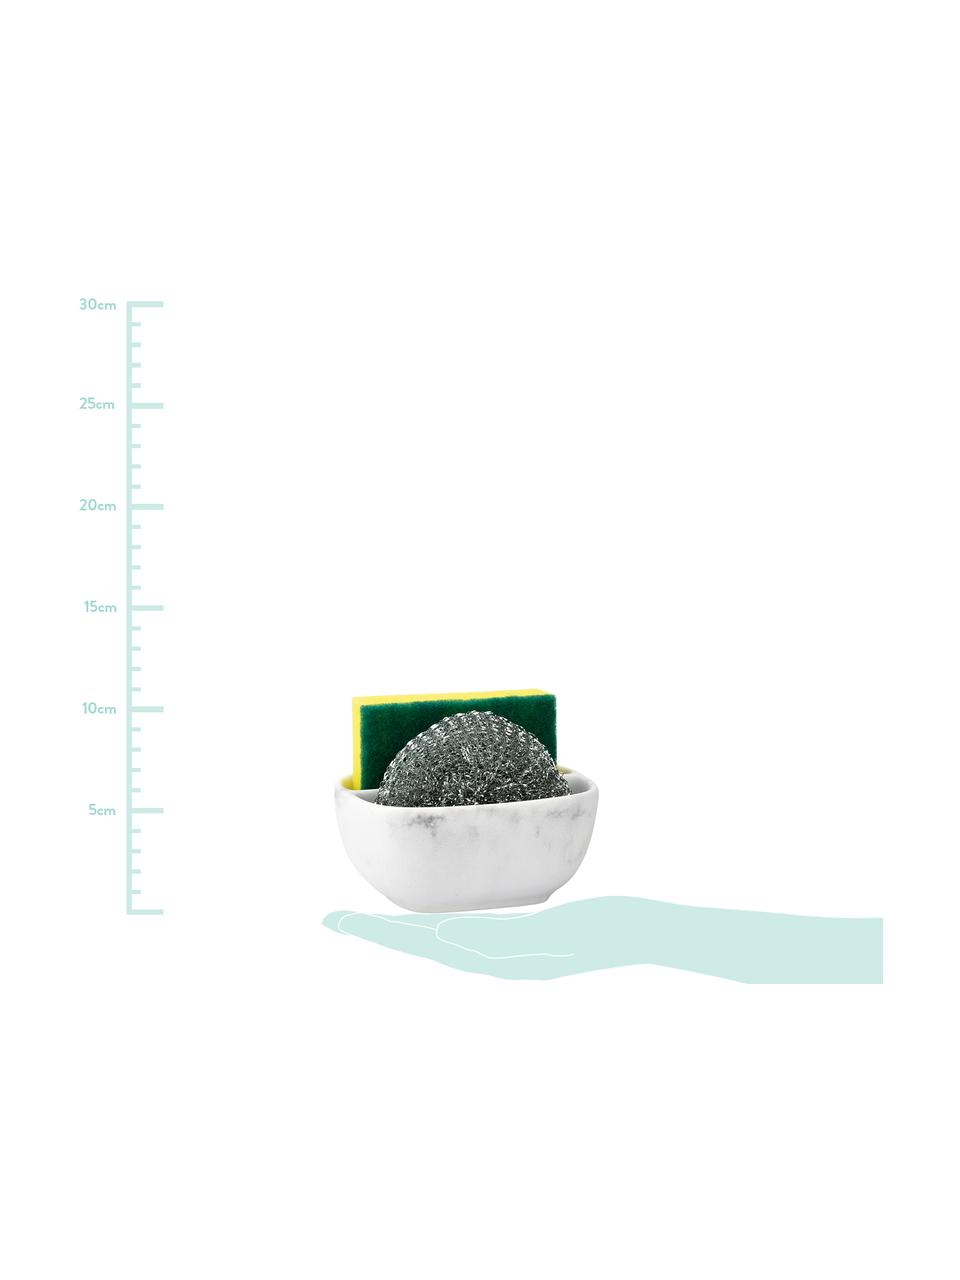 Schwammhalter Galia in Weiß, 3er-Set, Metallschwamm: Metall, Weiß, Silberfarben, 10 x 13 cm